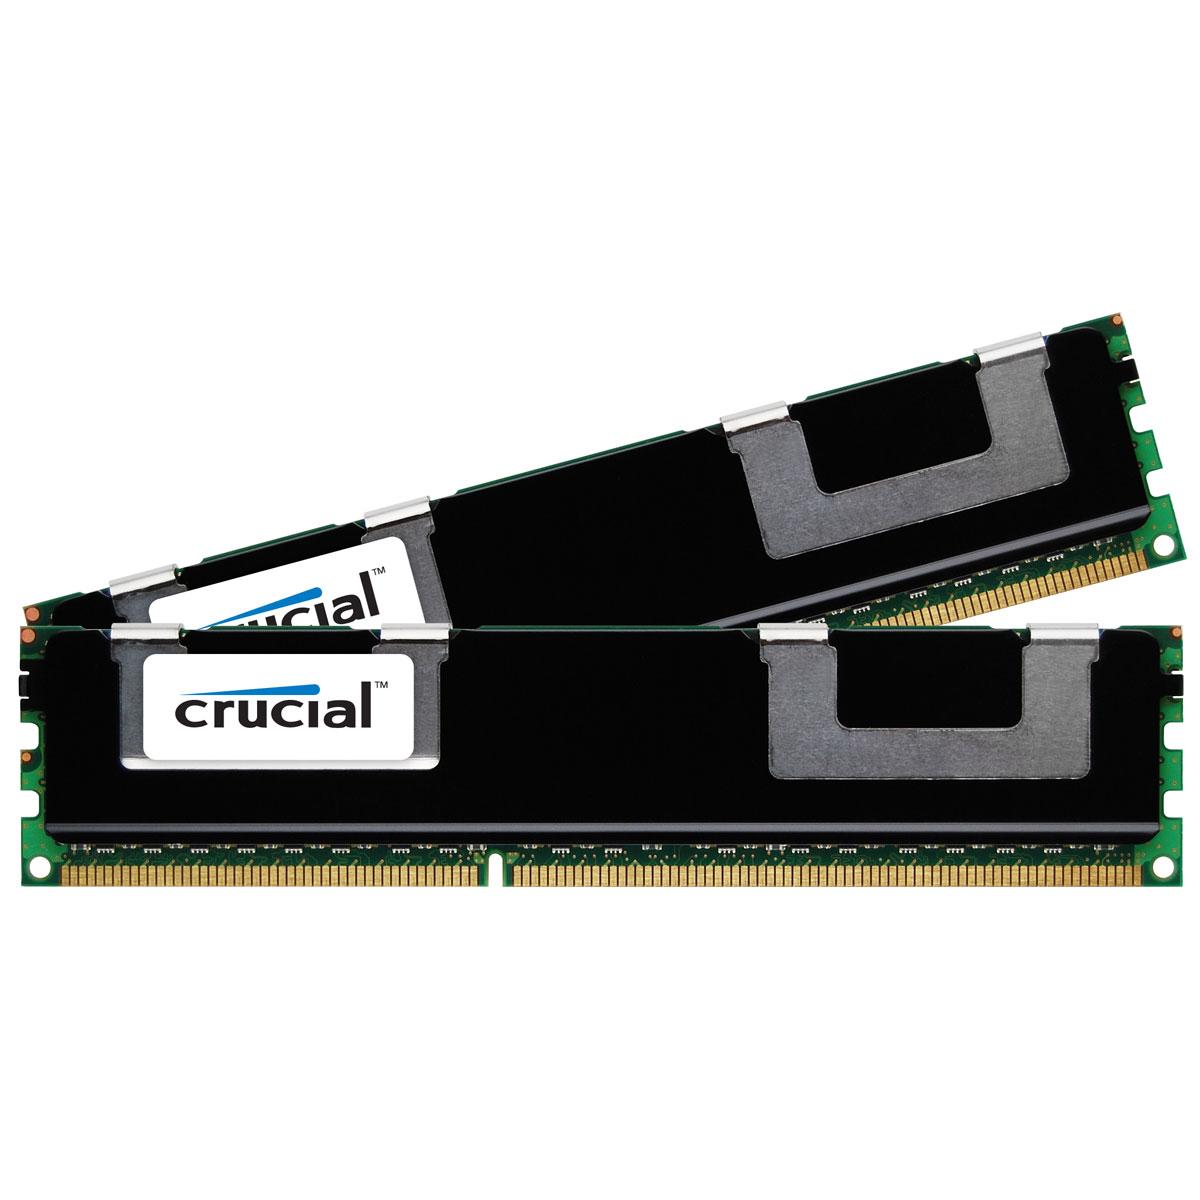 Mémoire PC Crucial DDR3 8 Go (2 x 4 Go) 1866 MHz CL13 ECC Registered DR X8 Kit Dual Channel RAM DDR3 PC14900 - CT2K4G3ERSDD8186D (garantie à vie par Crucial)